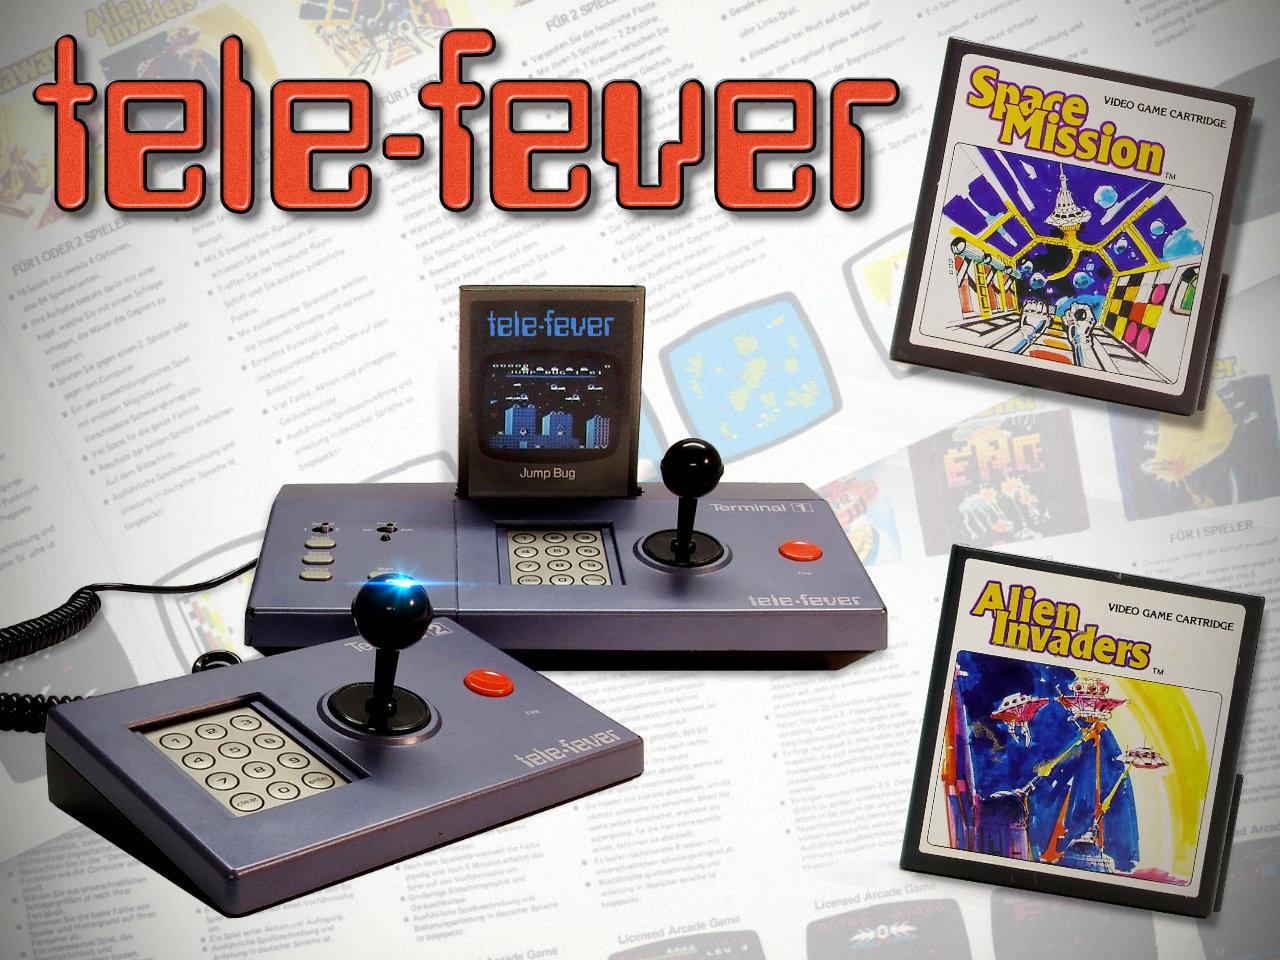 Das Tele Fever ist eine eher seltene Spielkonsole. (Bild: René Achter)